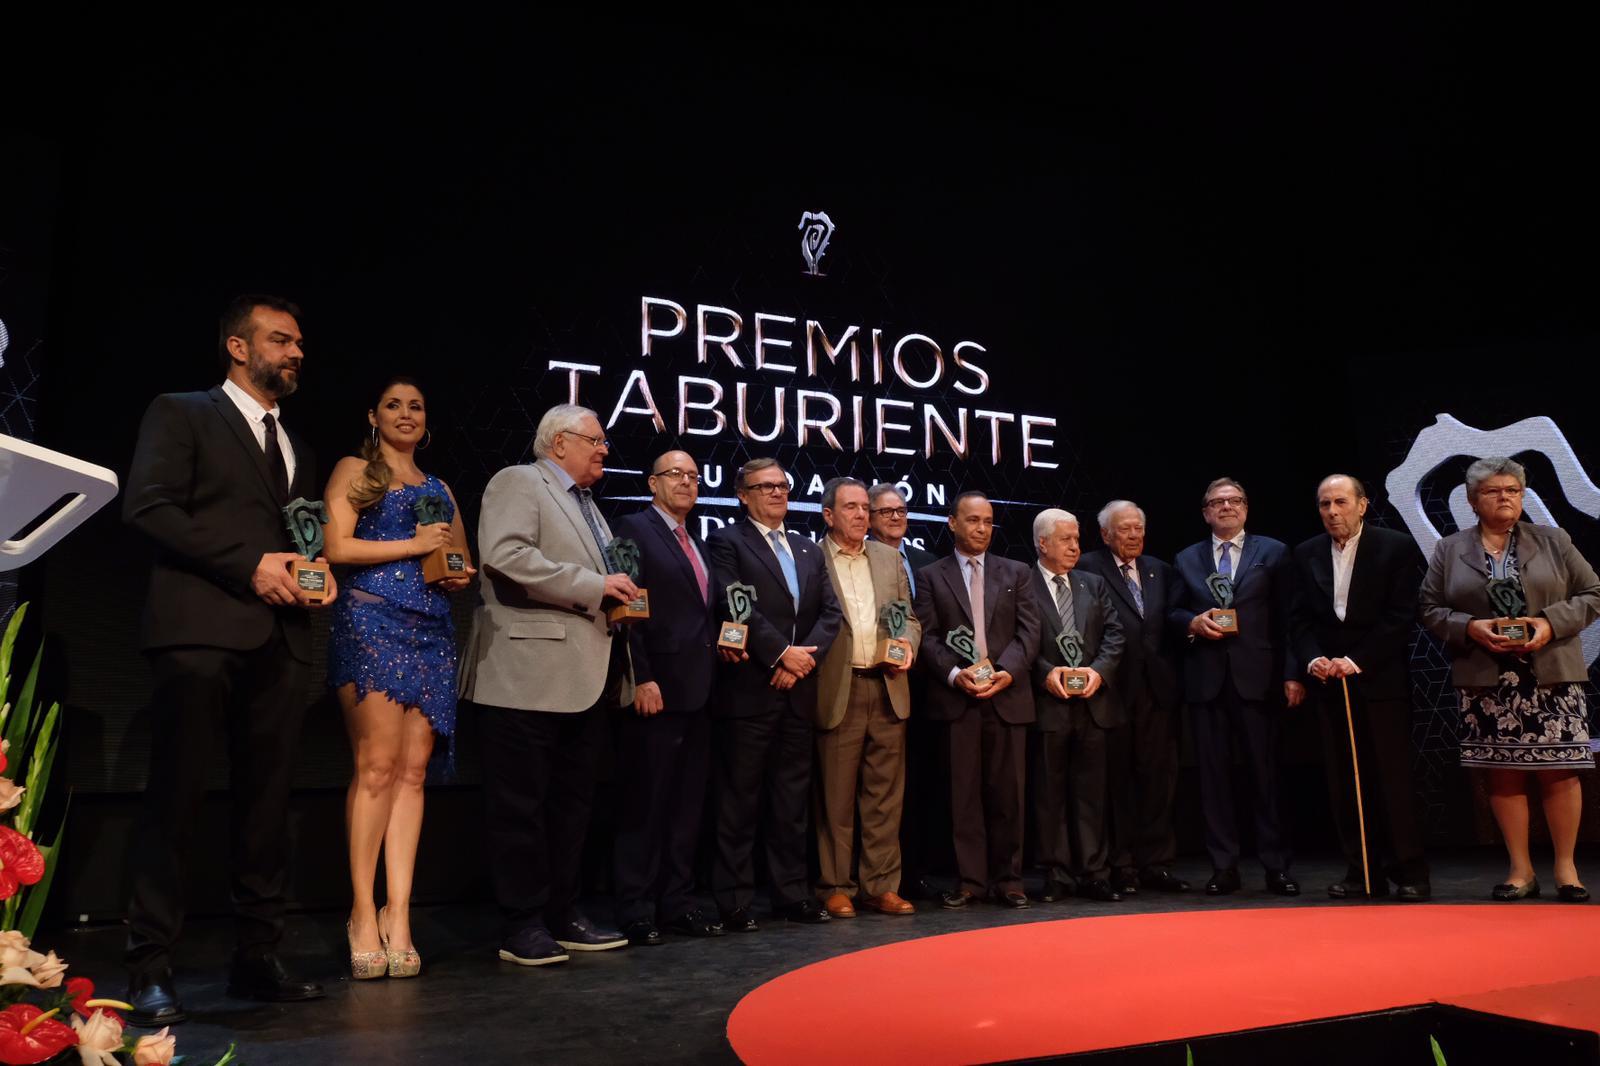 Todos los galardonados en los Premios Taburiente 2019. Fran Pallero